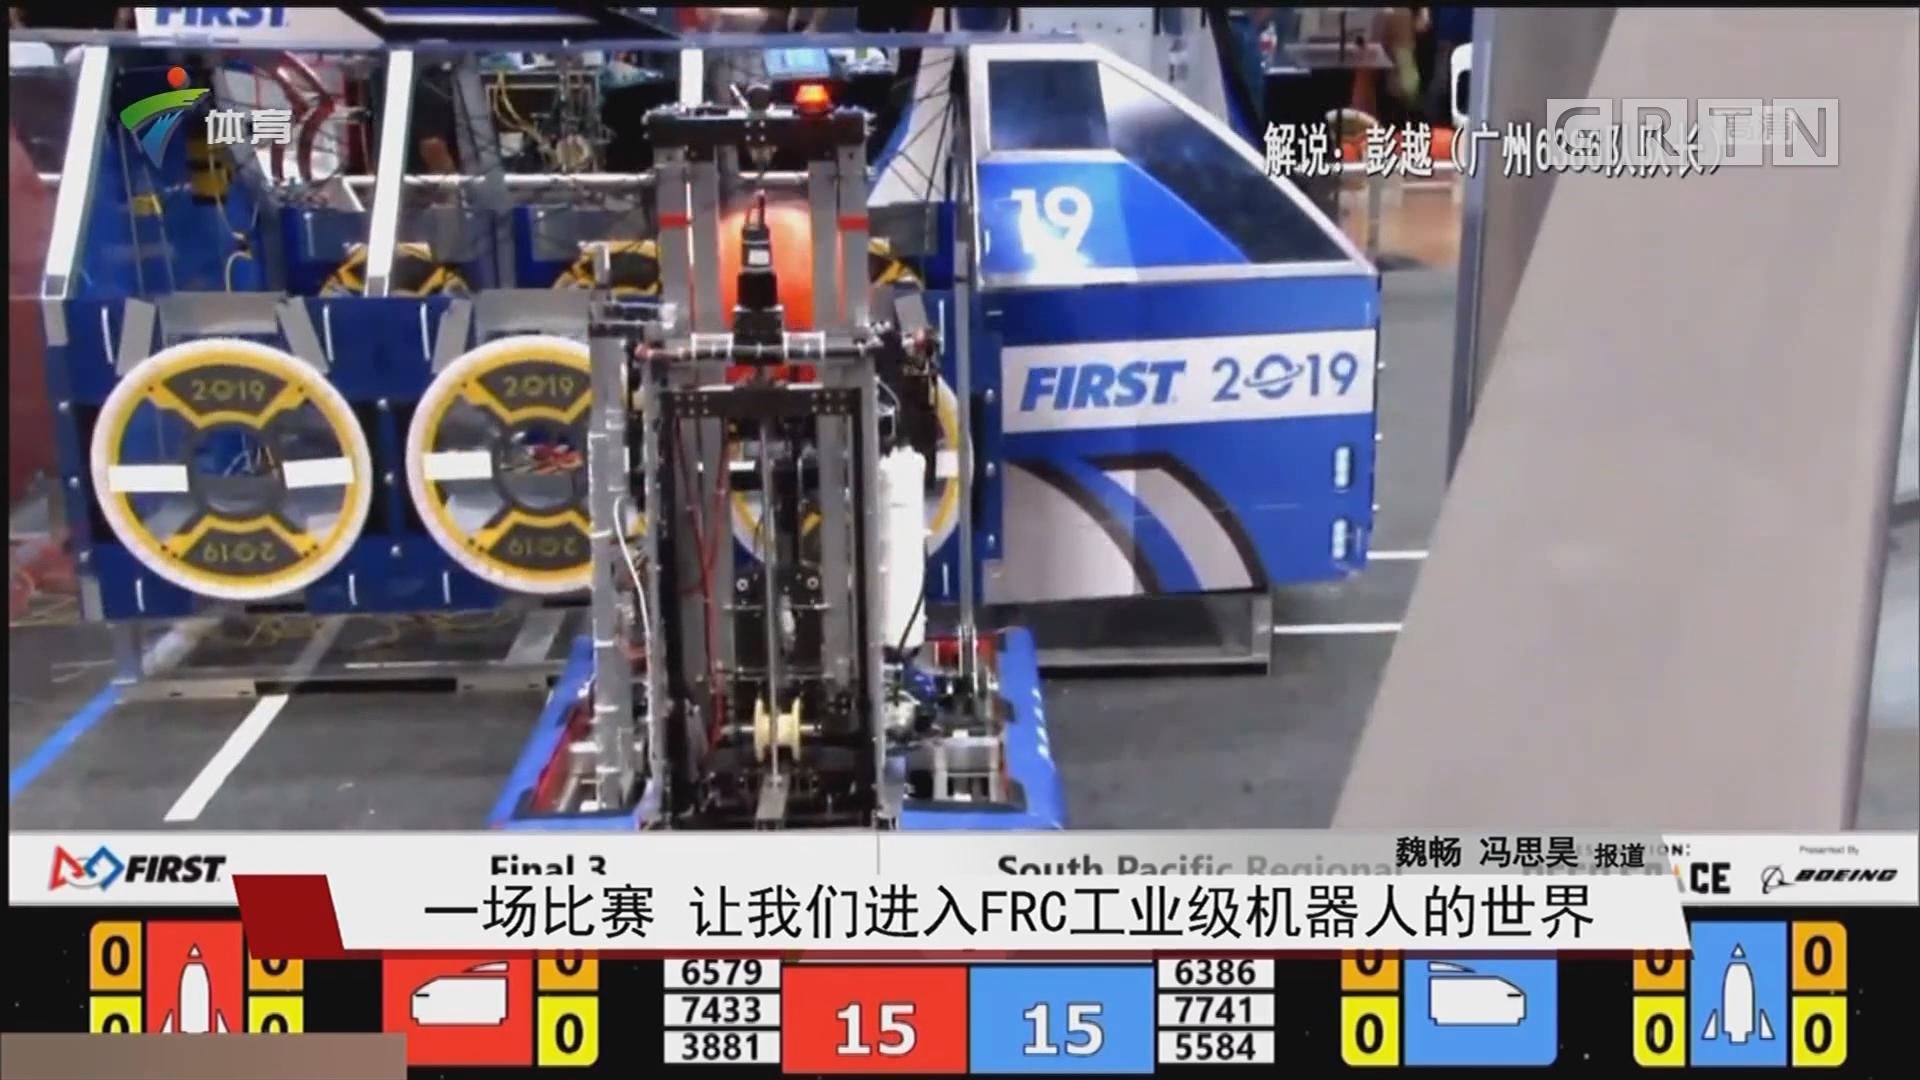 一场比赛 让我们进入FRC工业级机器人的世界